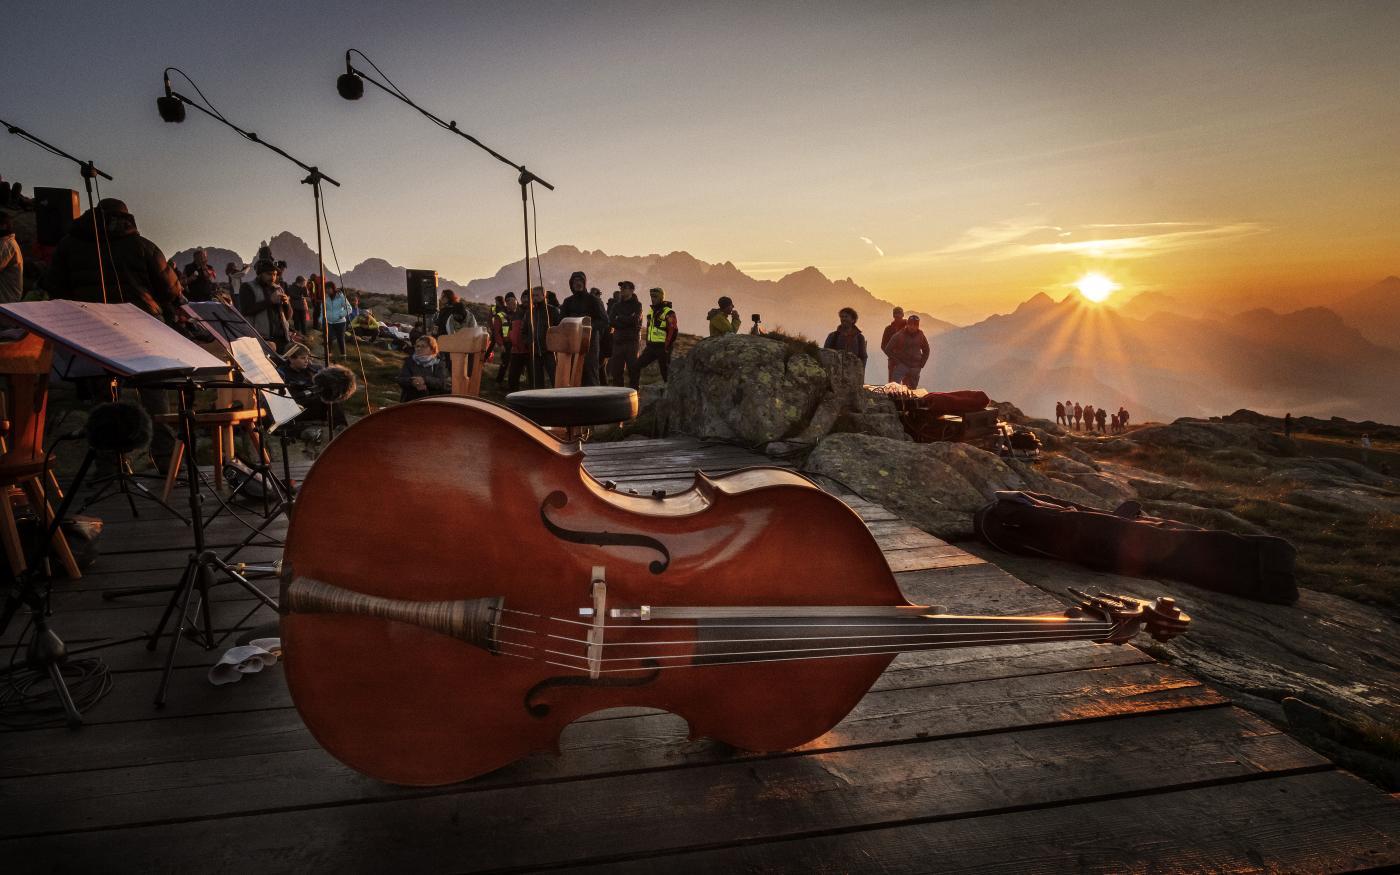 De 26e editie van The Sounds of the Dolomites Festival